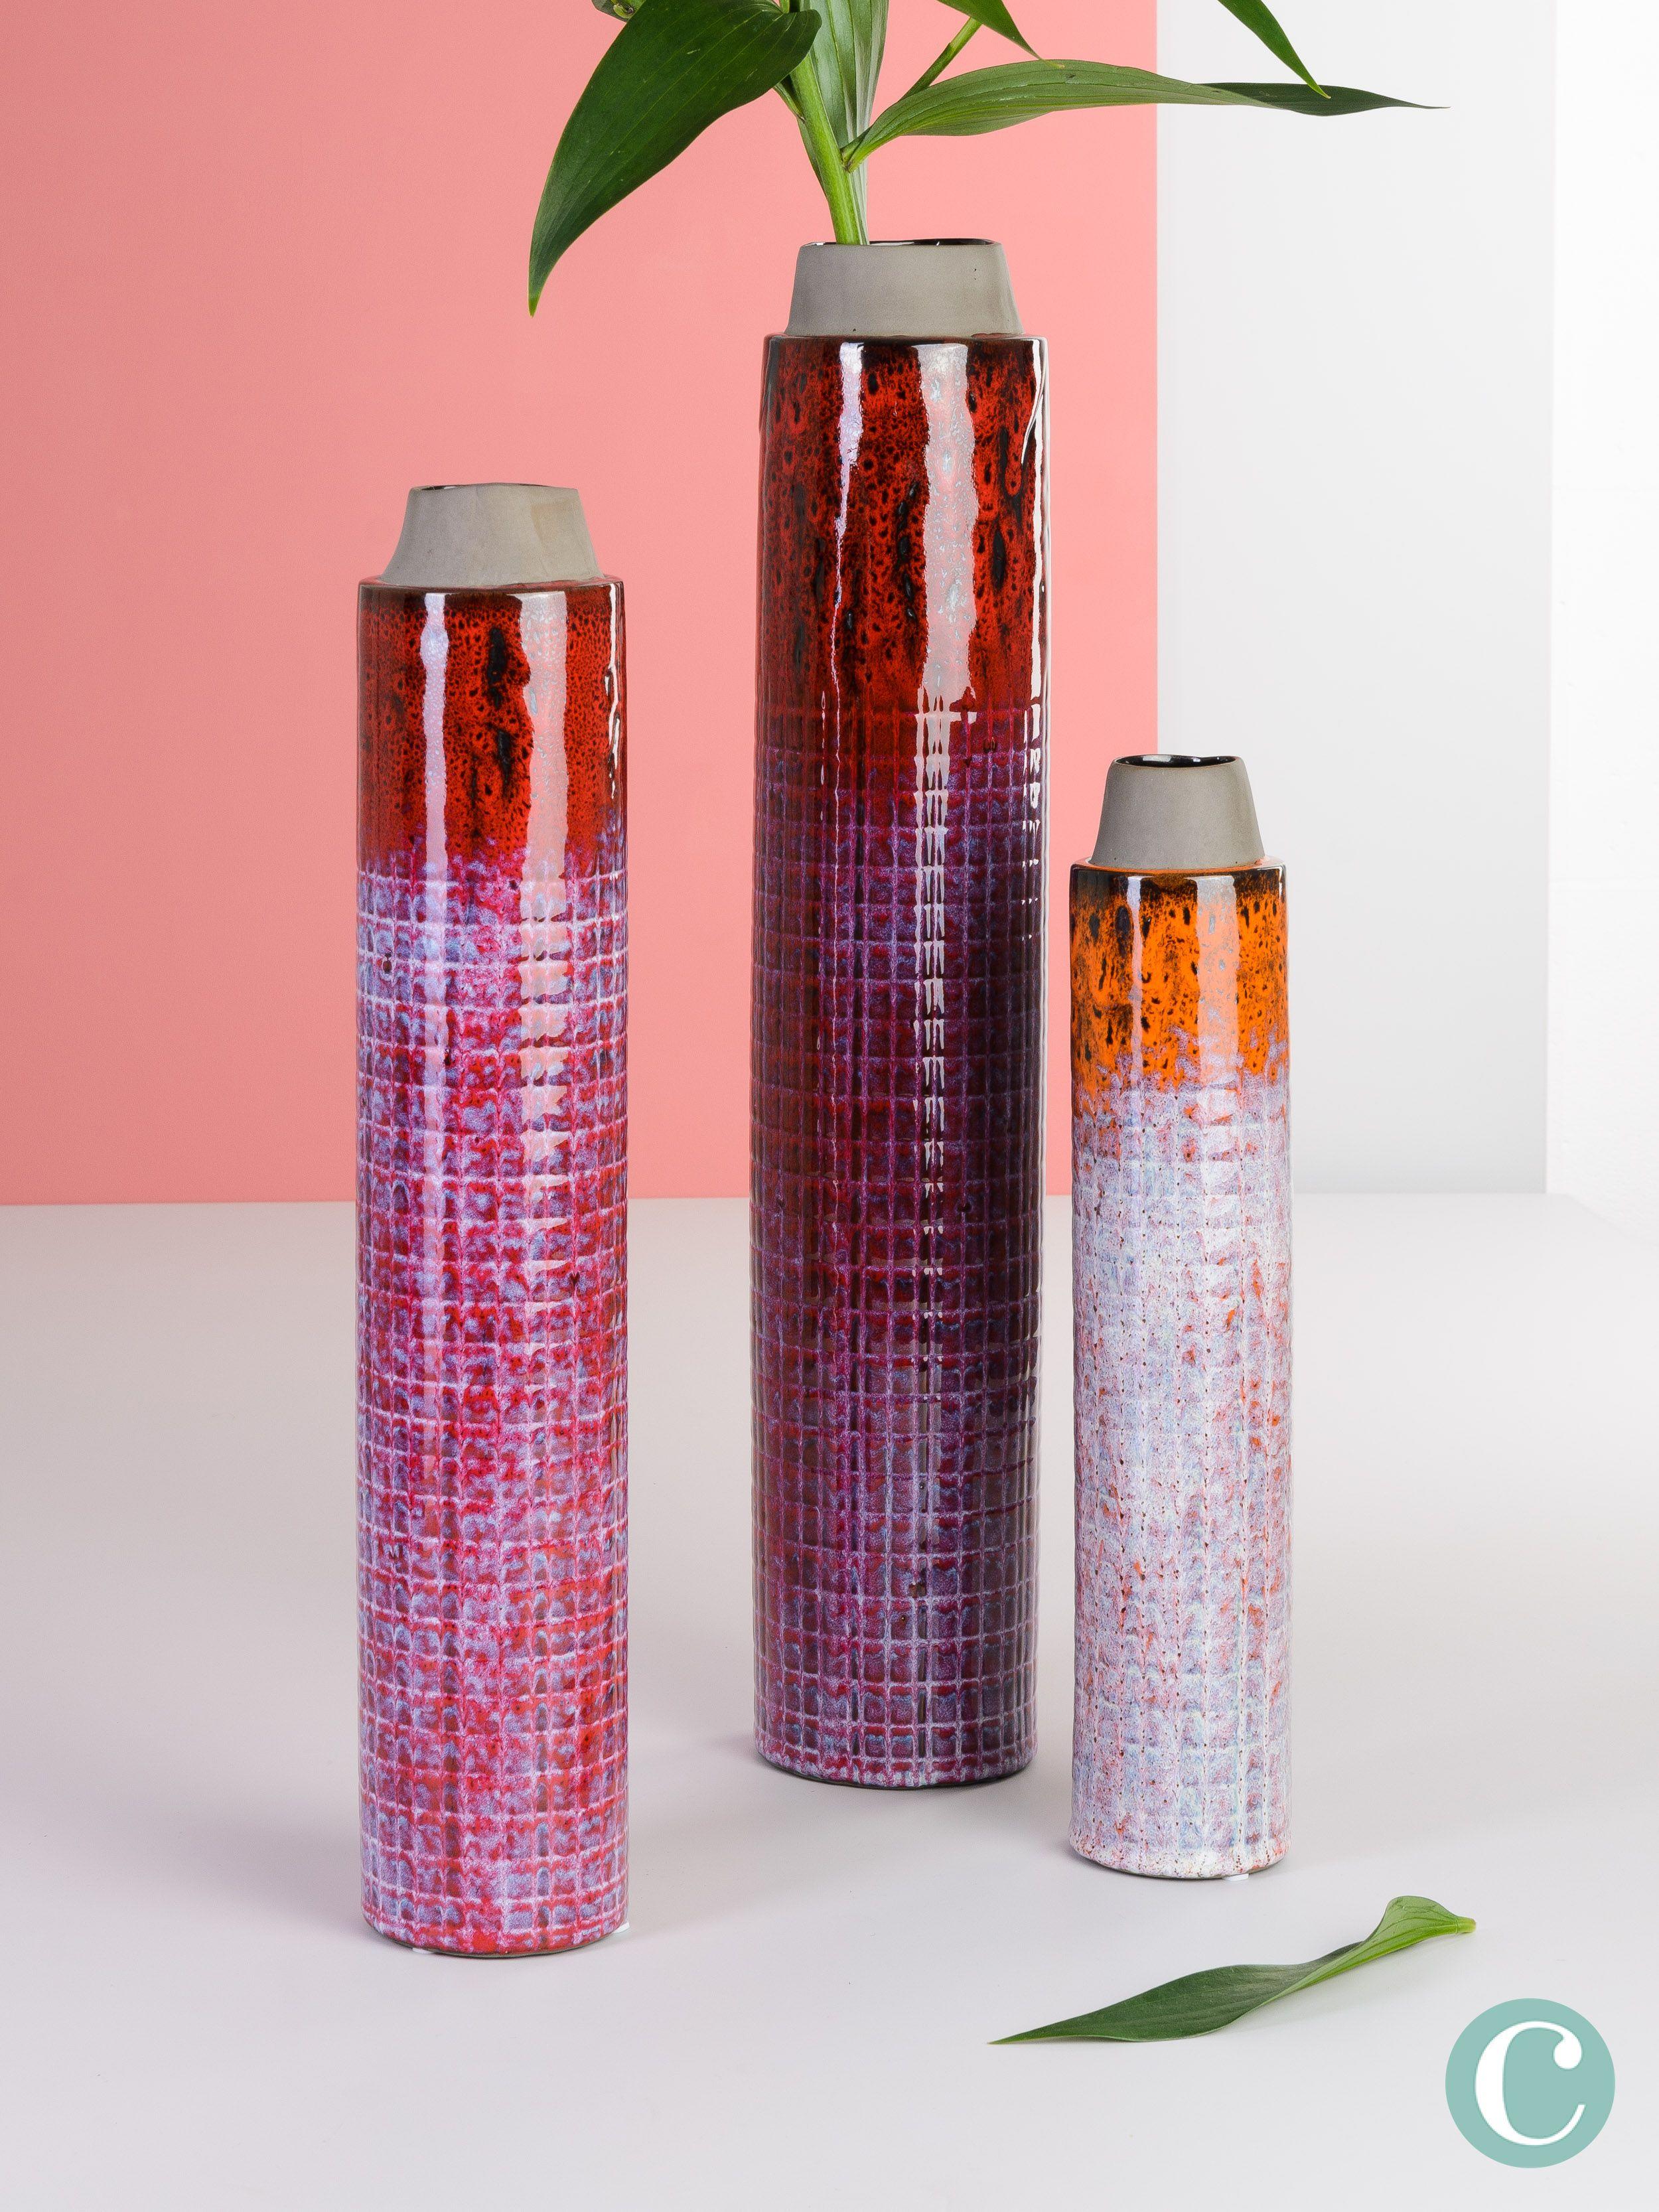 Auch Die Gleiche Vase In Unterschiedlichen Grossen Und Formen Passen